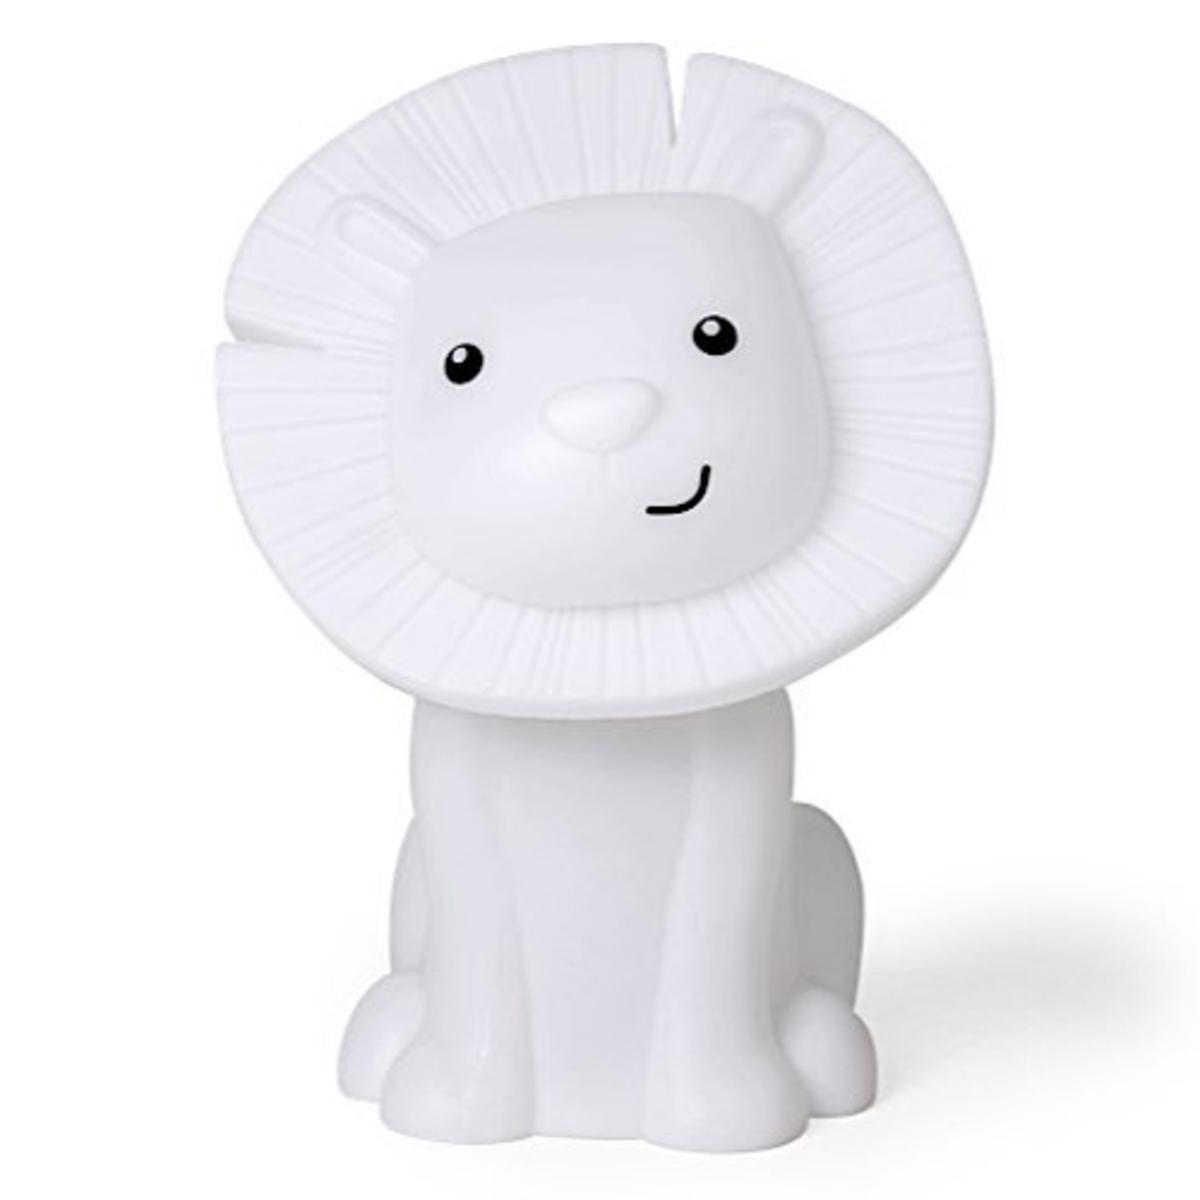 Lampe à poser Lampe Hakuna Ambiance - Blanc Lampe Hakuna Ambiance - Blanc